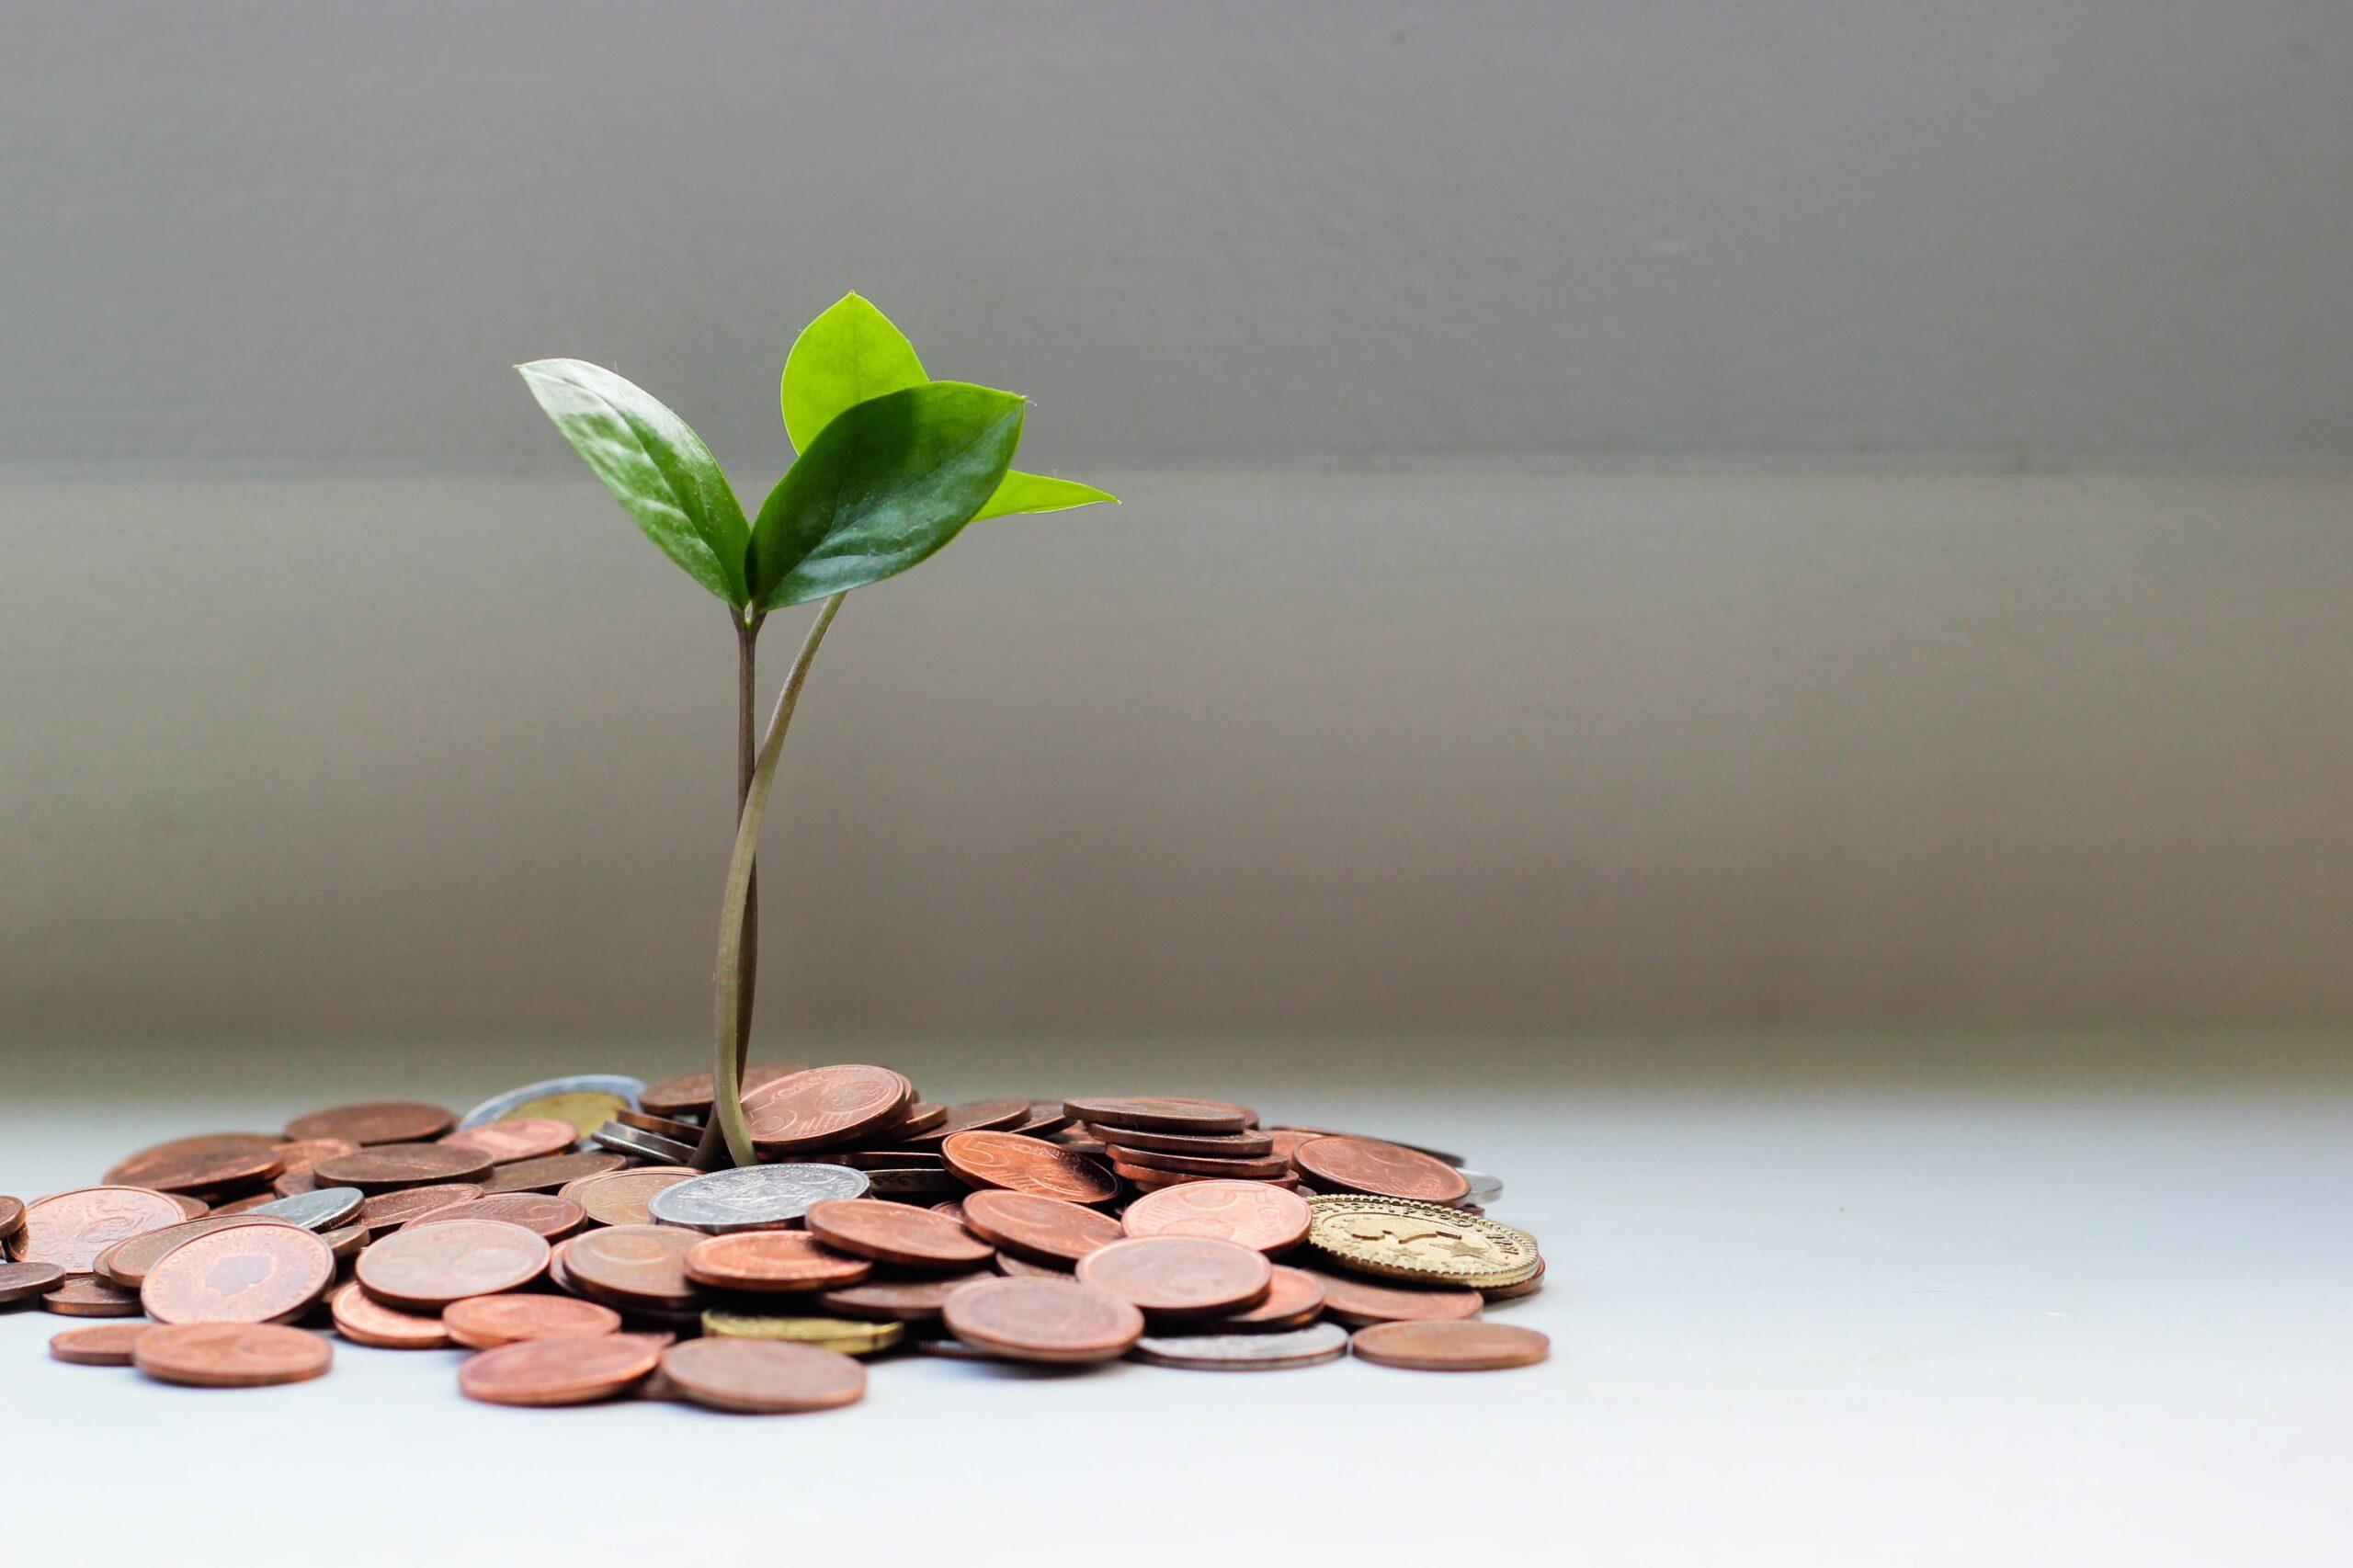 まいたお金から生まれる芽